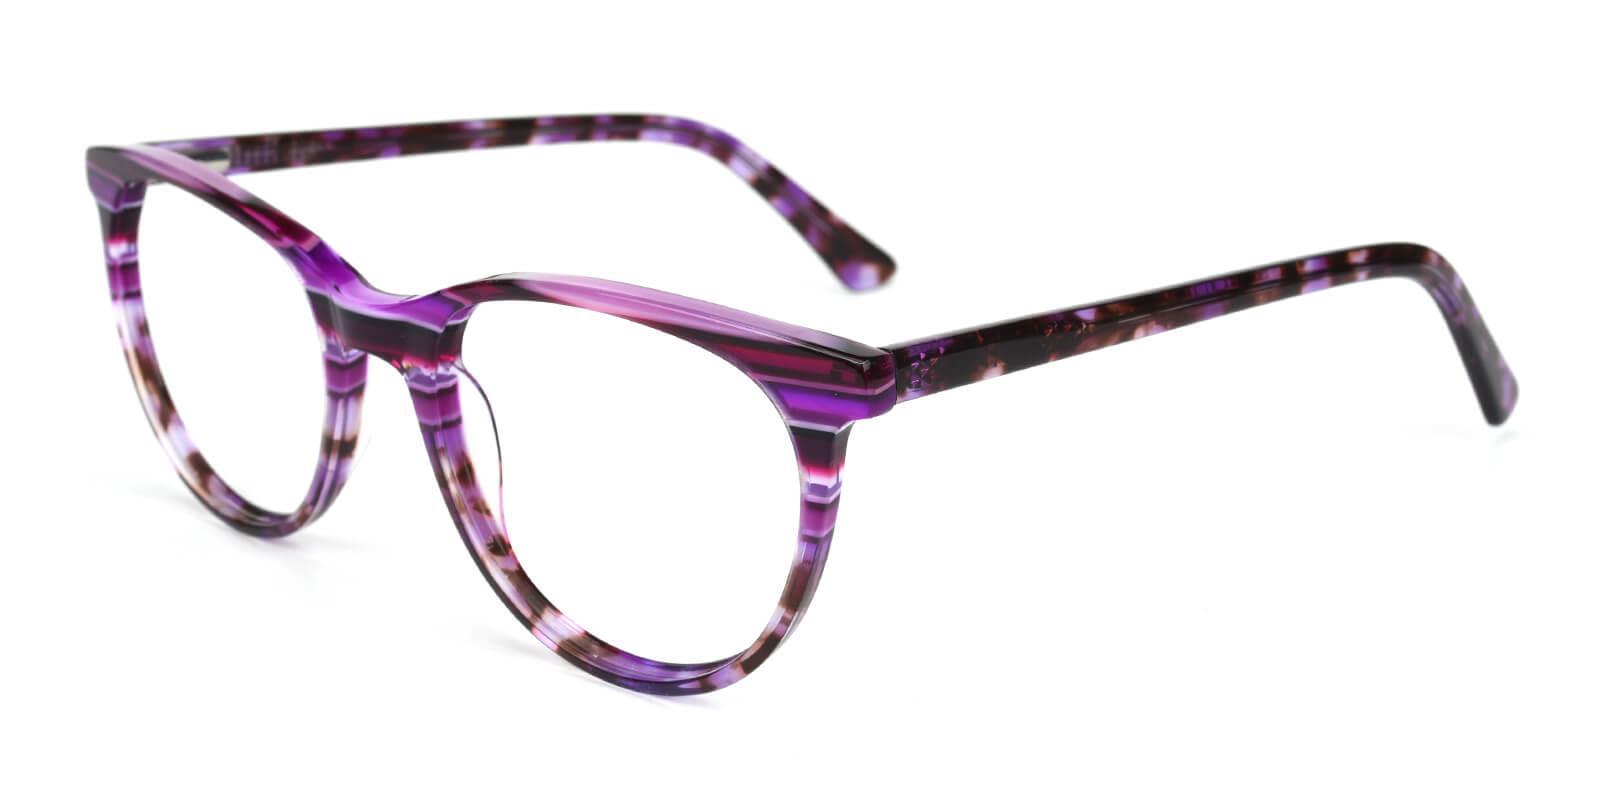 Lankas-Purple-Cat-Acetate-Eyeglasses-additional1